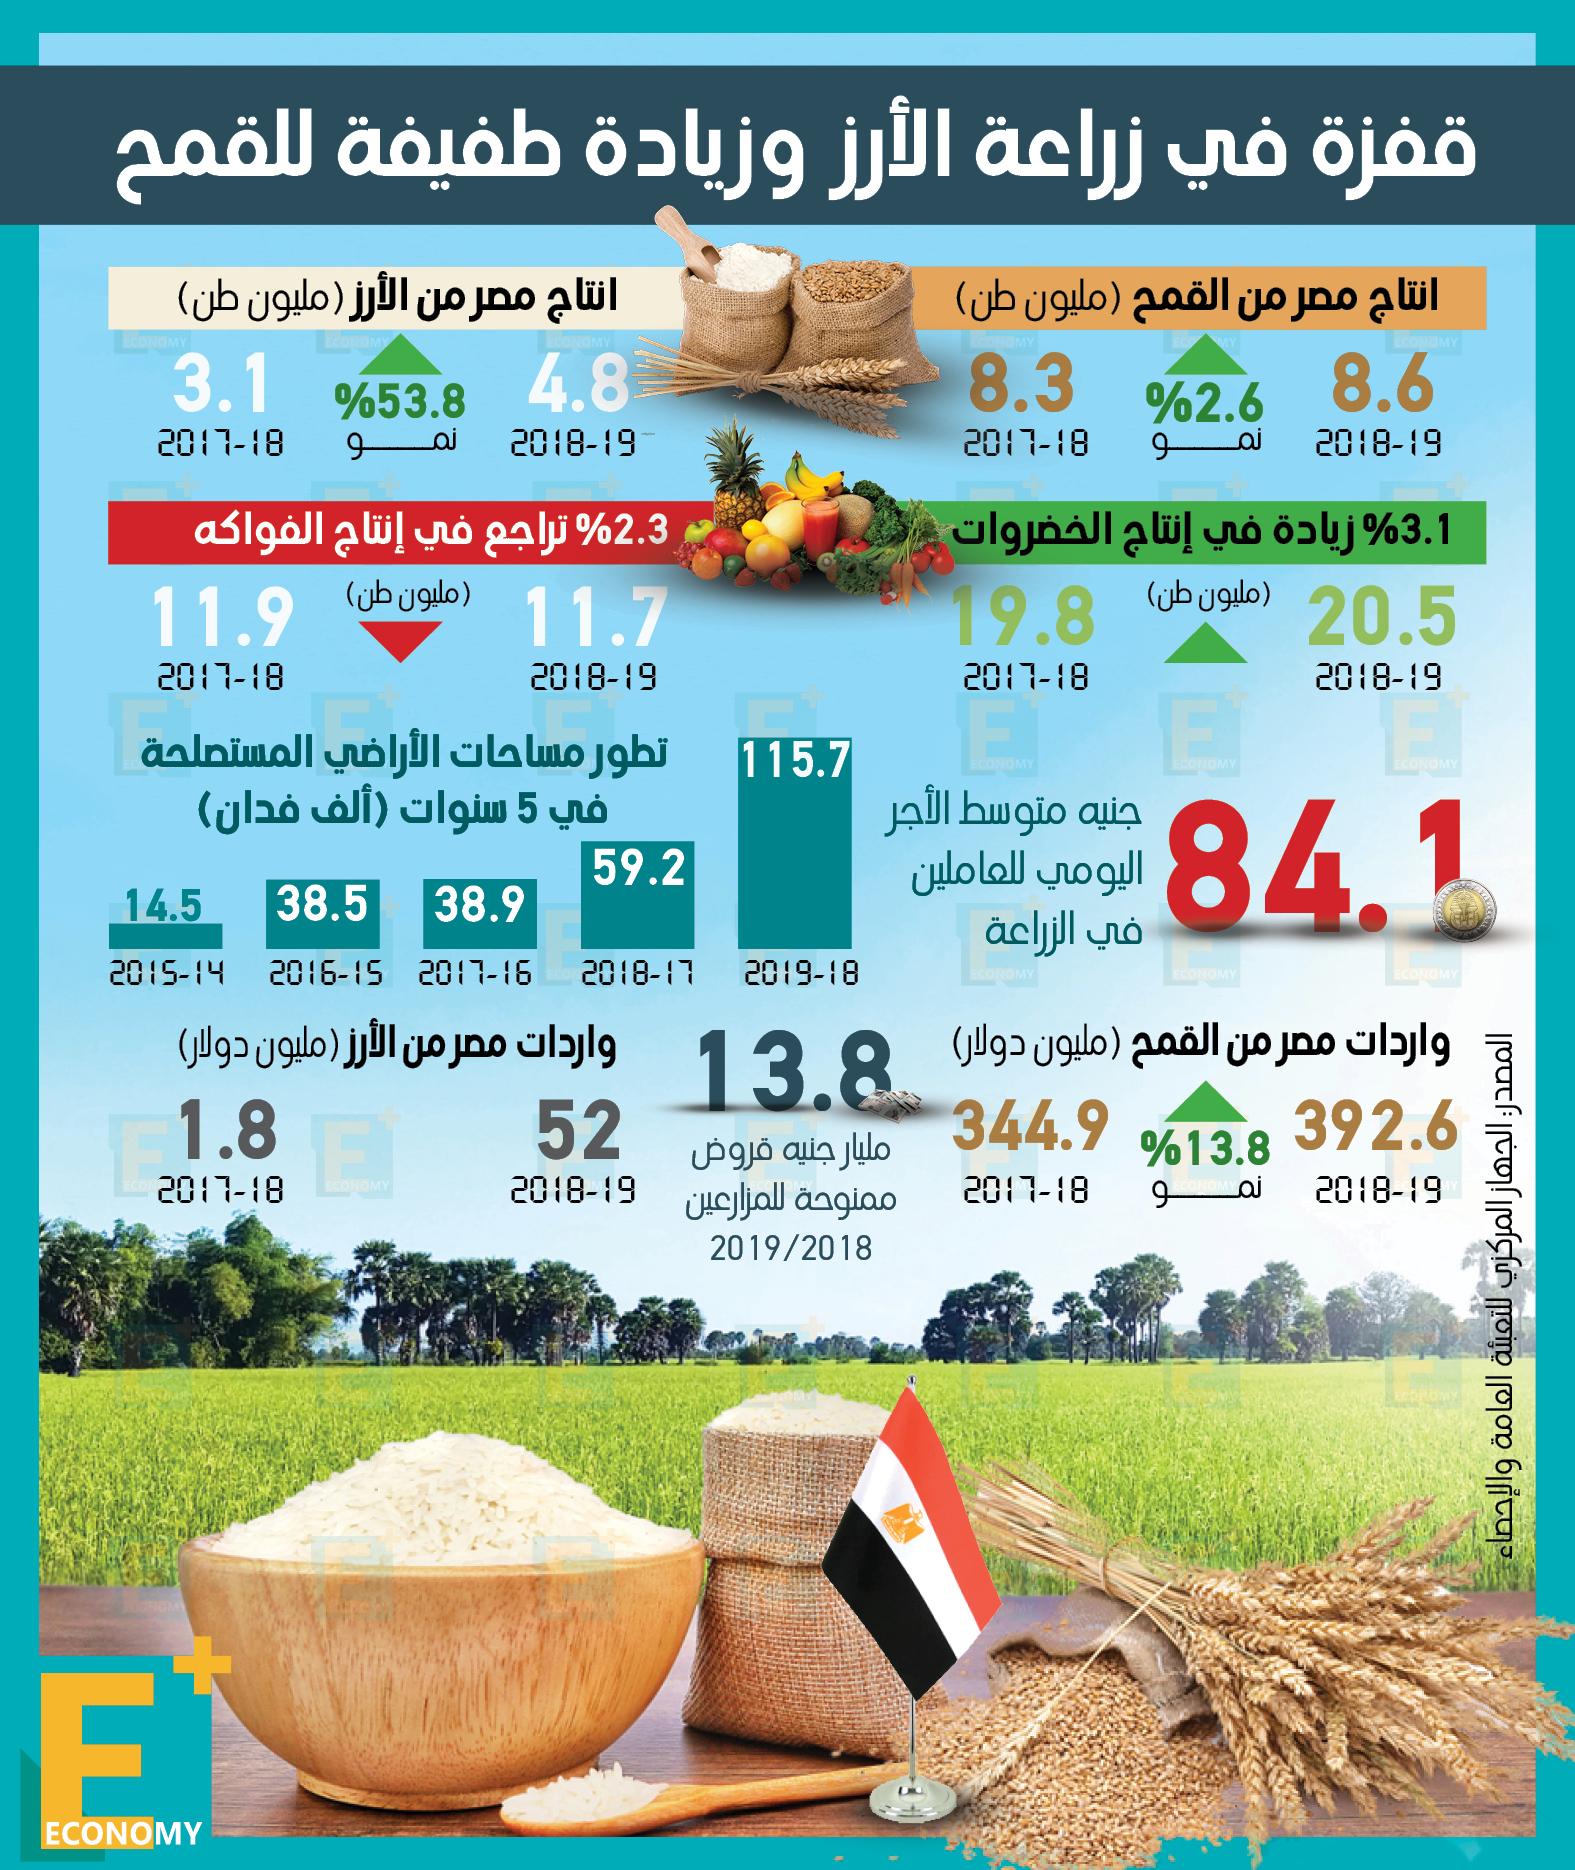 قفزة في زراعة الأرز وزيادة طفيفة للقمح